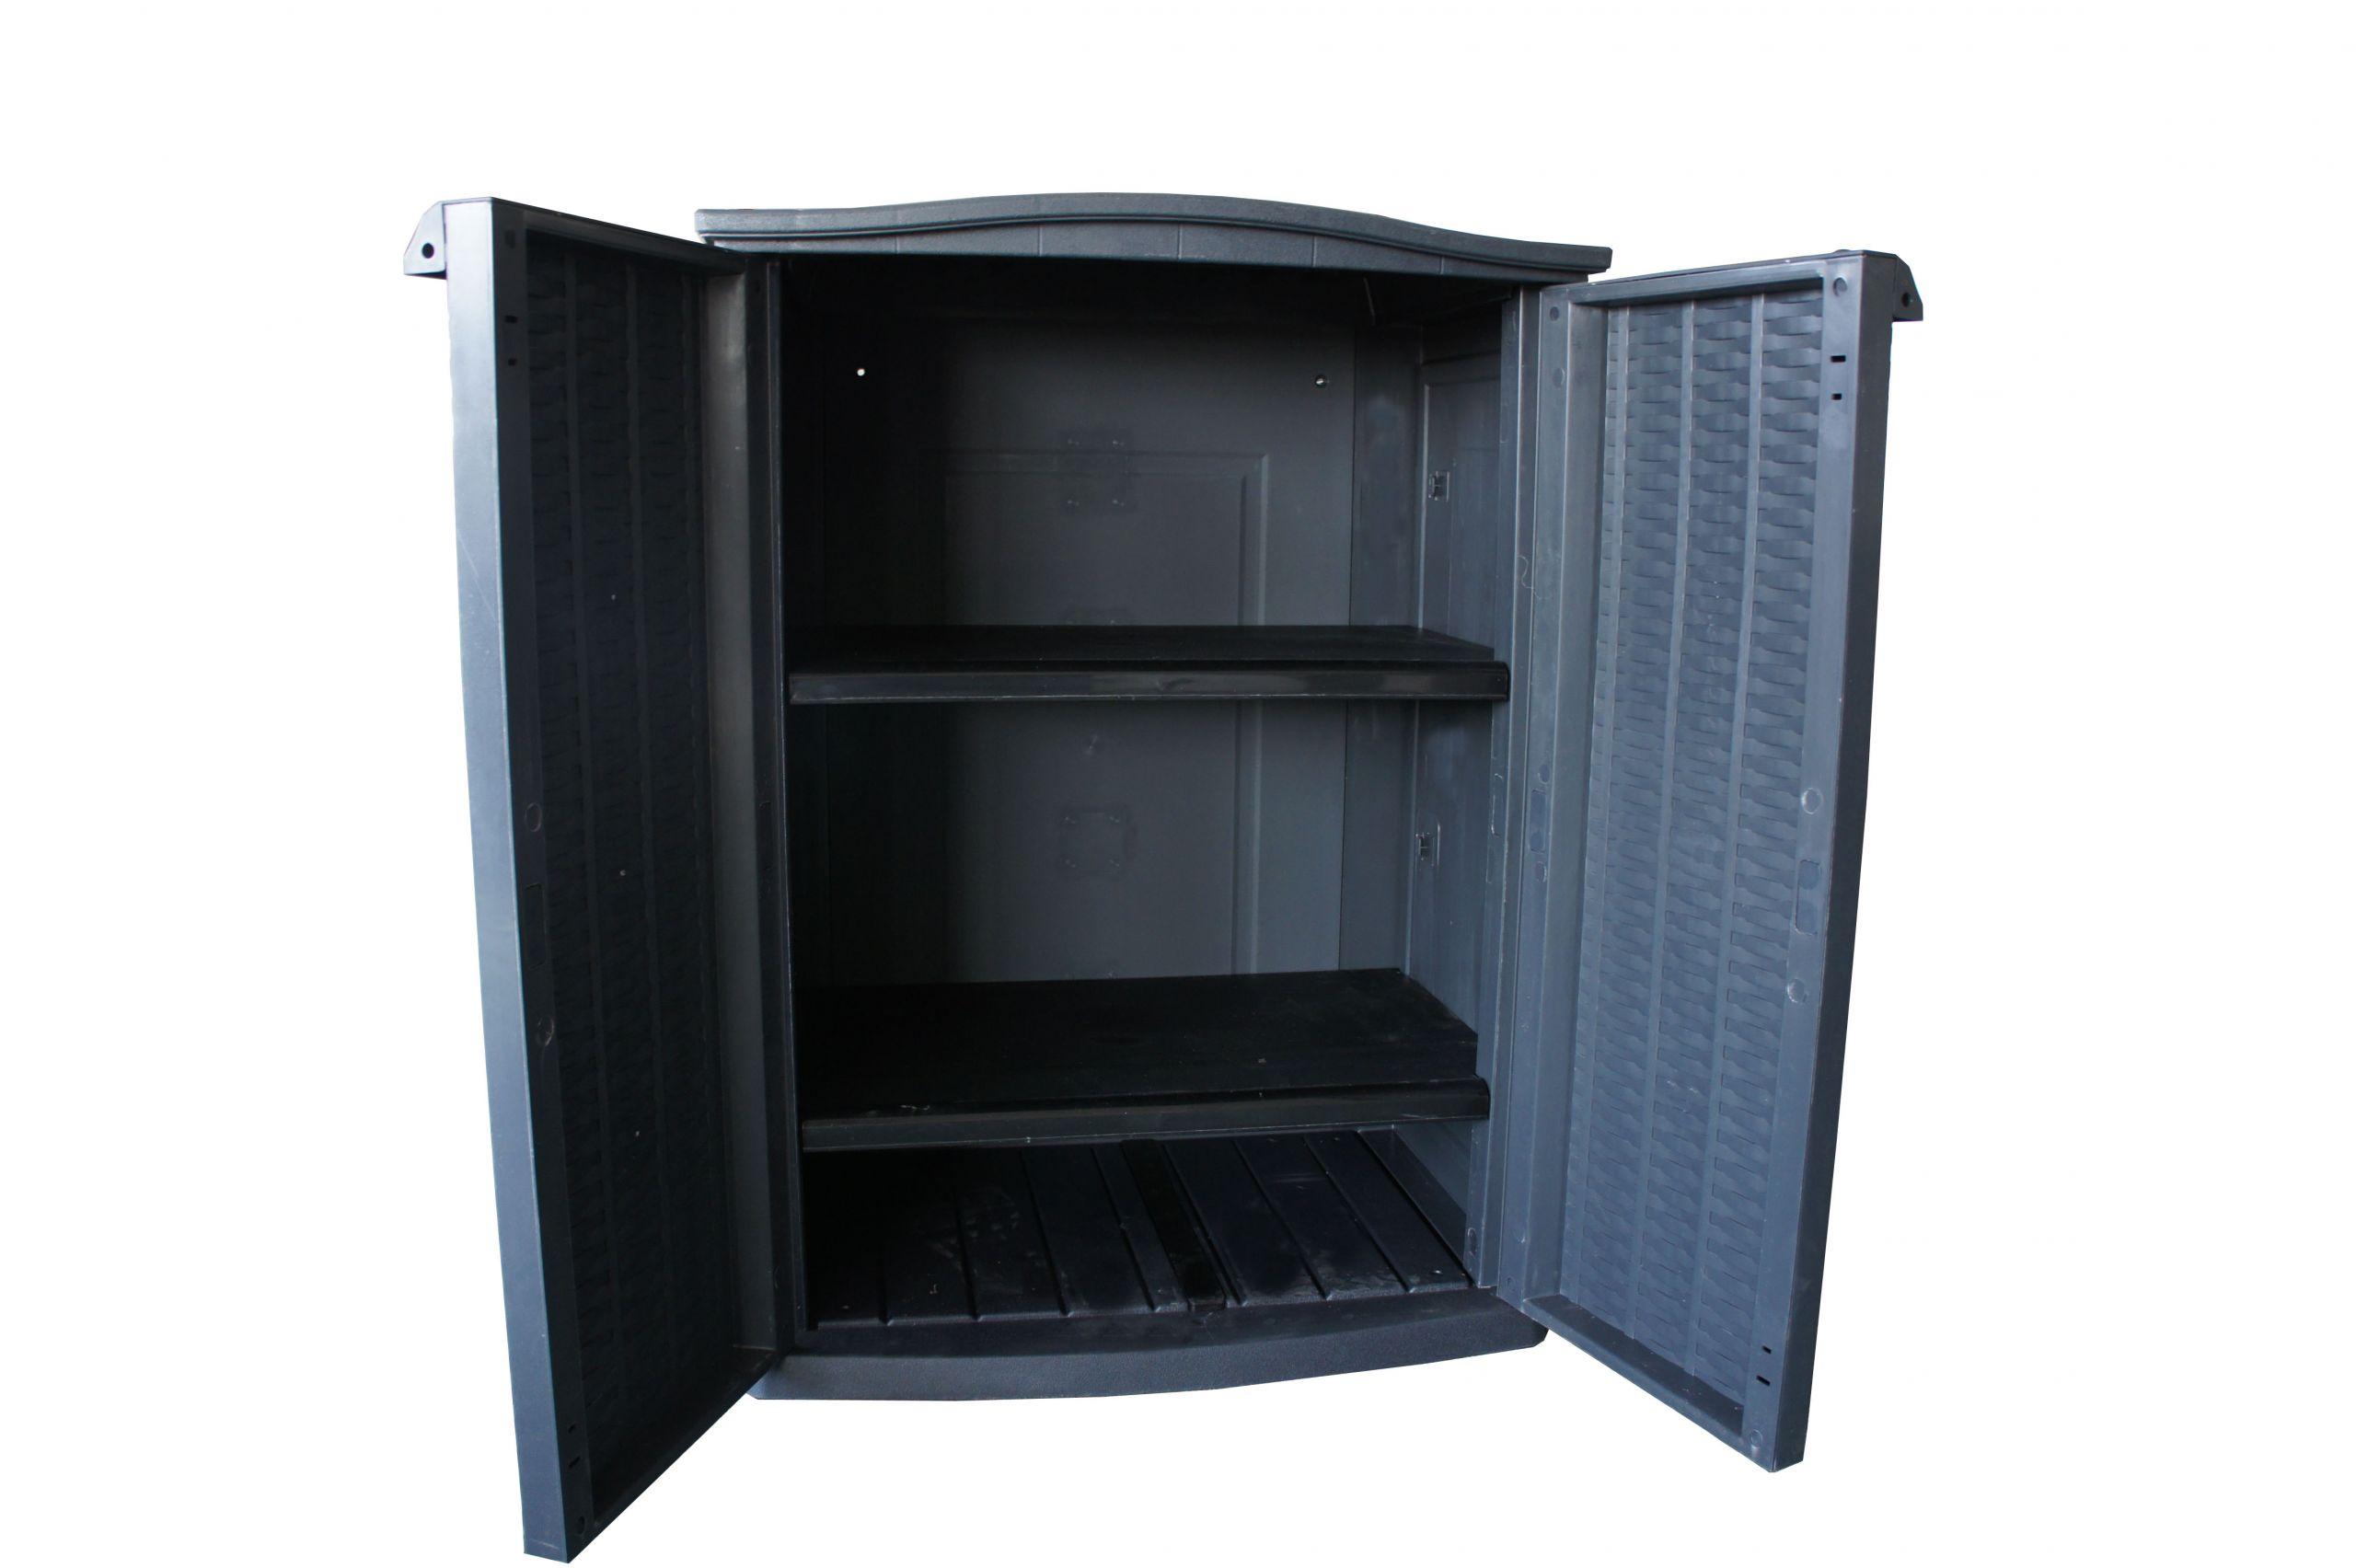 la maison du jardin armoire de rangement en rasine tressae armoire exterieur pour balcon armoire de rangement exterieur pour balcon